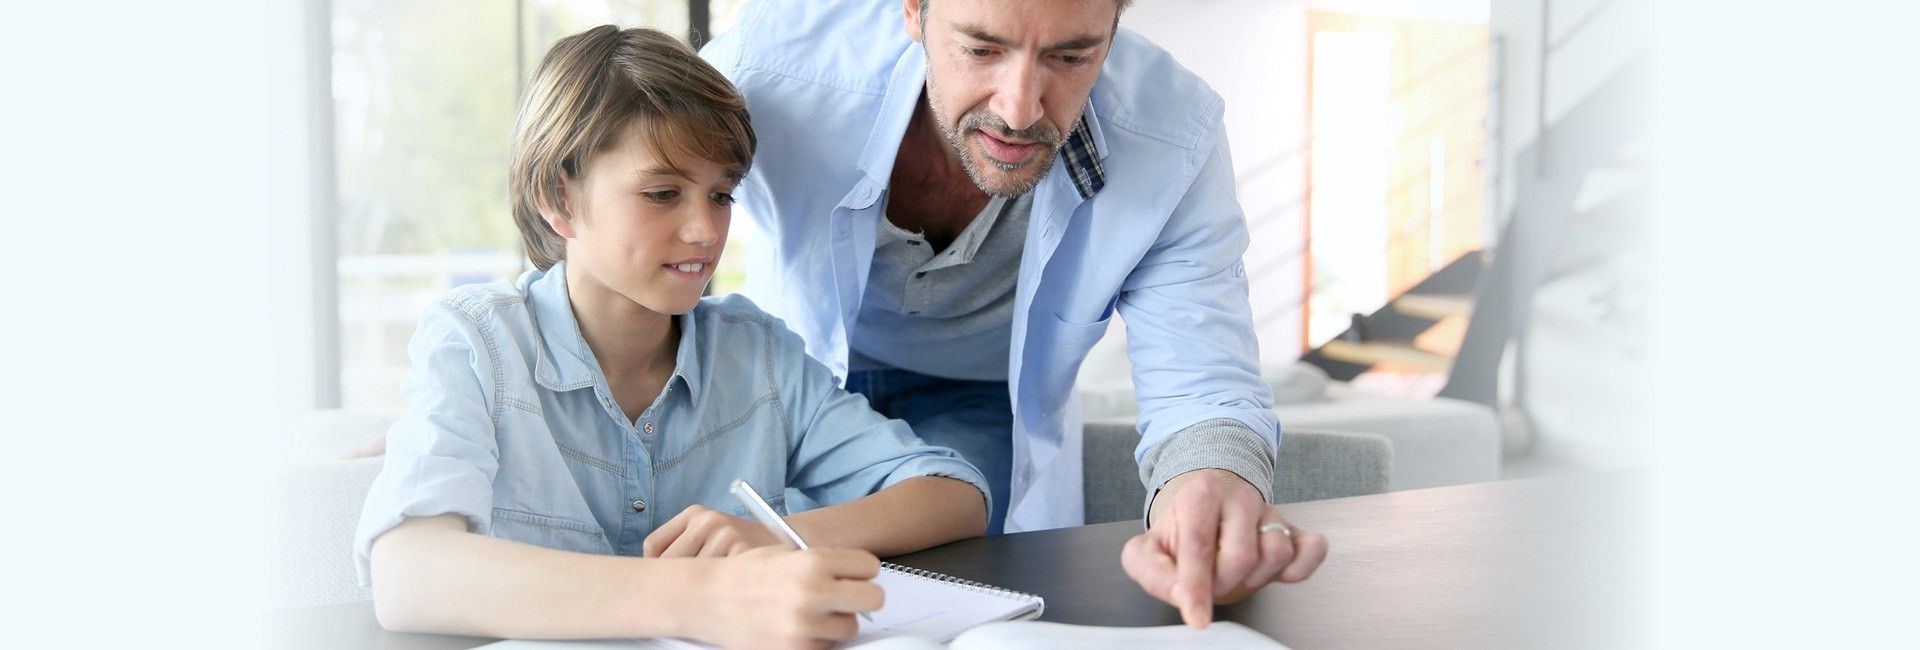 Plateforme regroupant de nombreux outils pour les parents qui accompagnent leurs enfants à travers leur parcours scolaire.